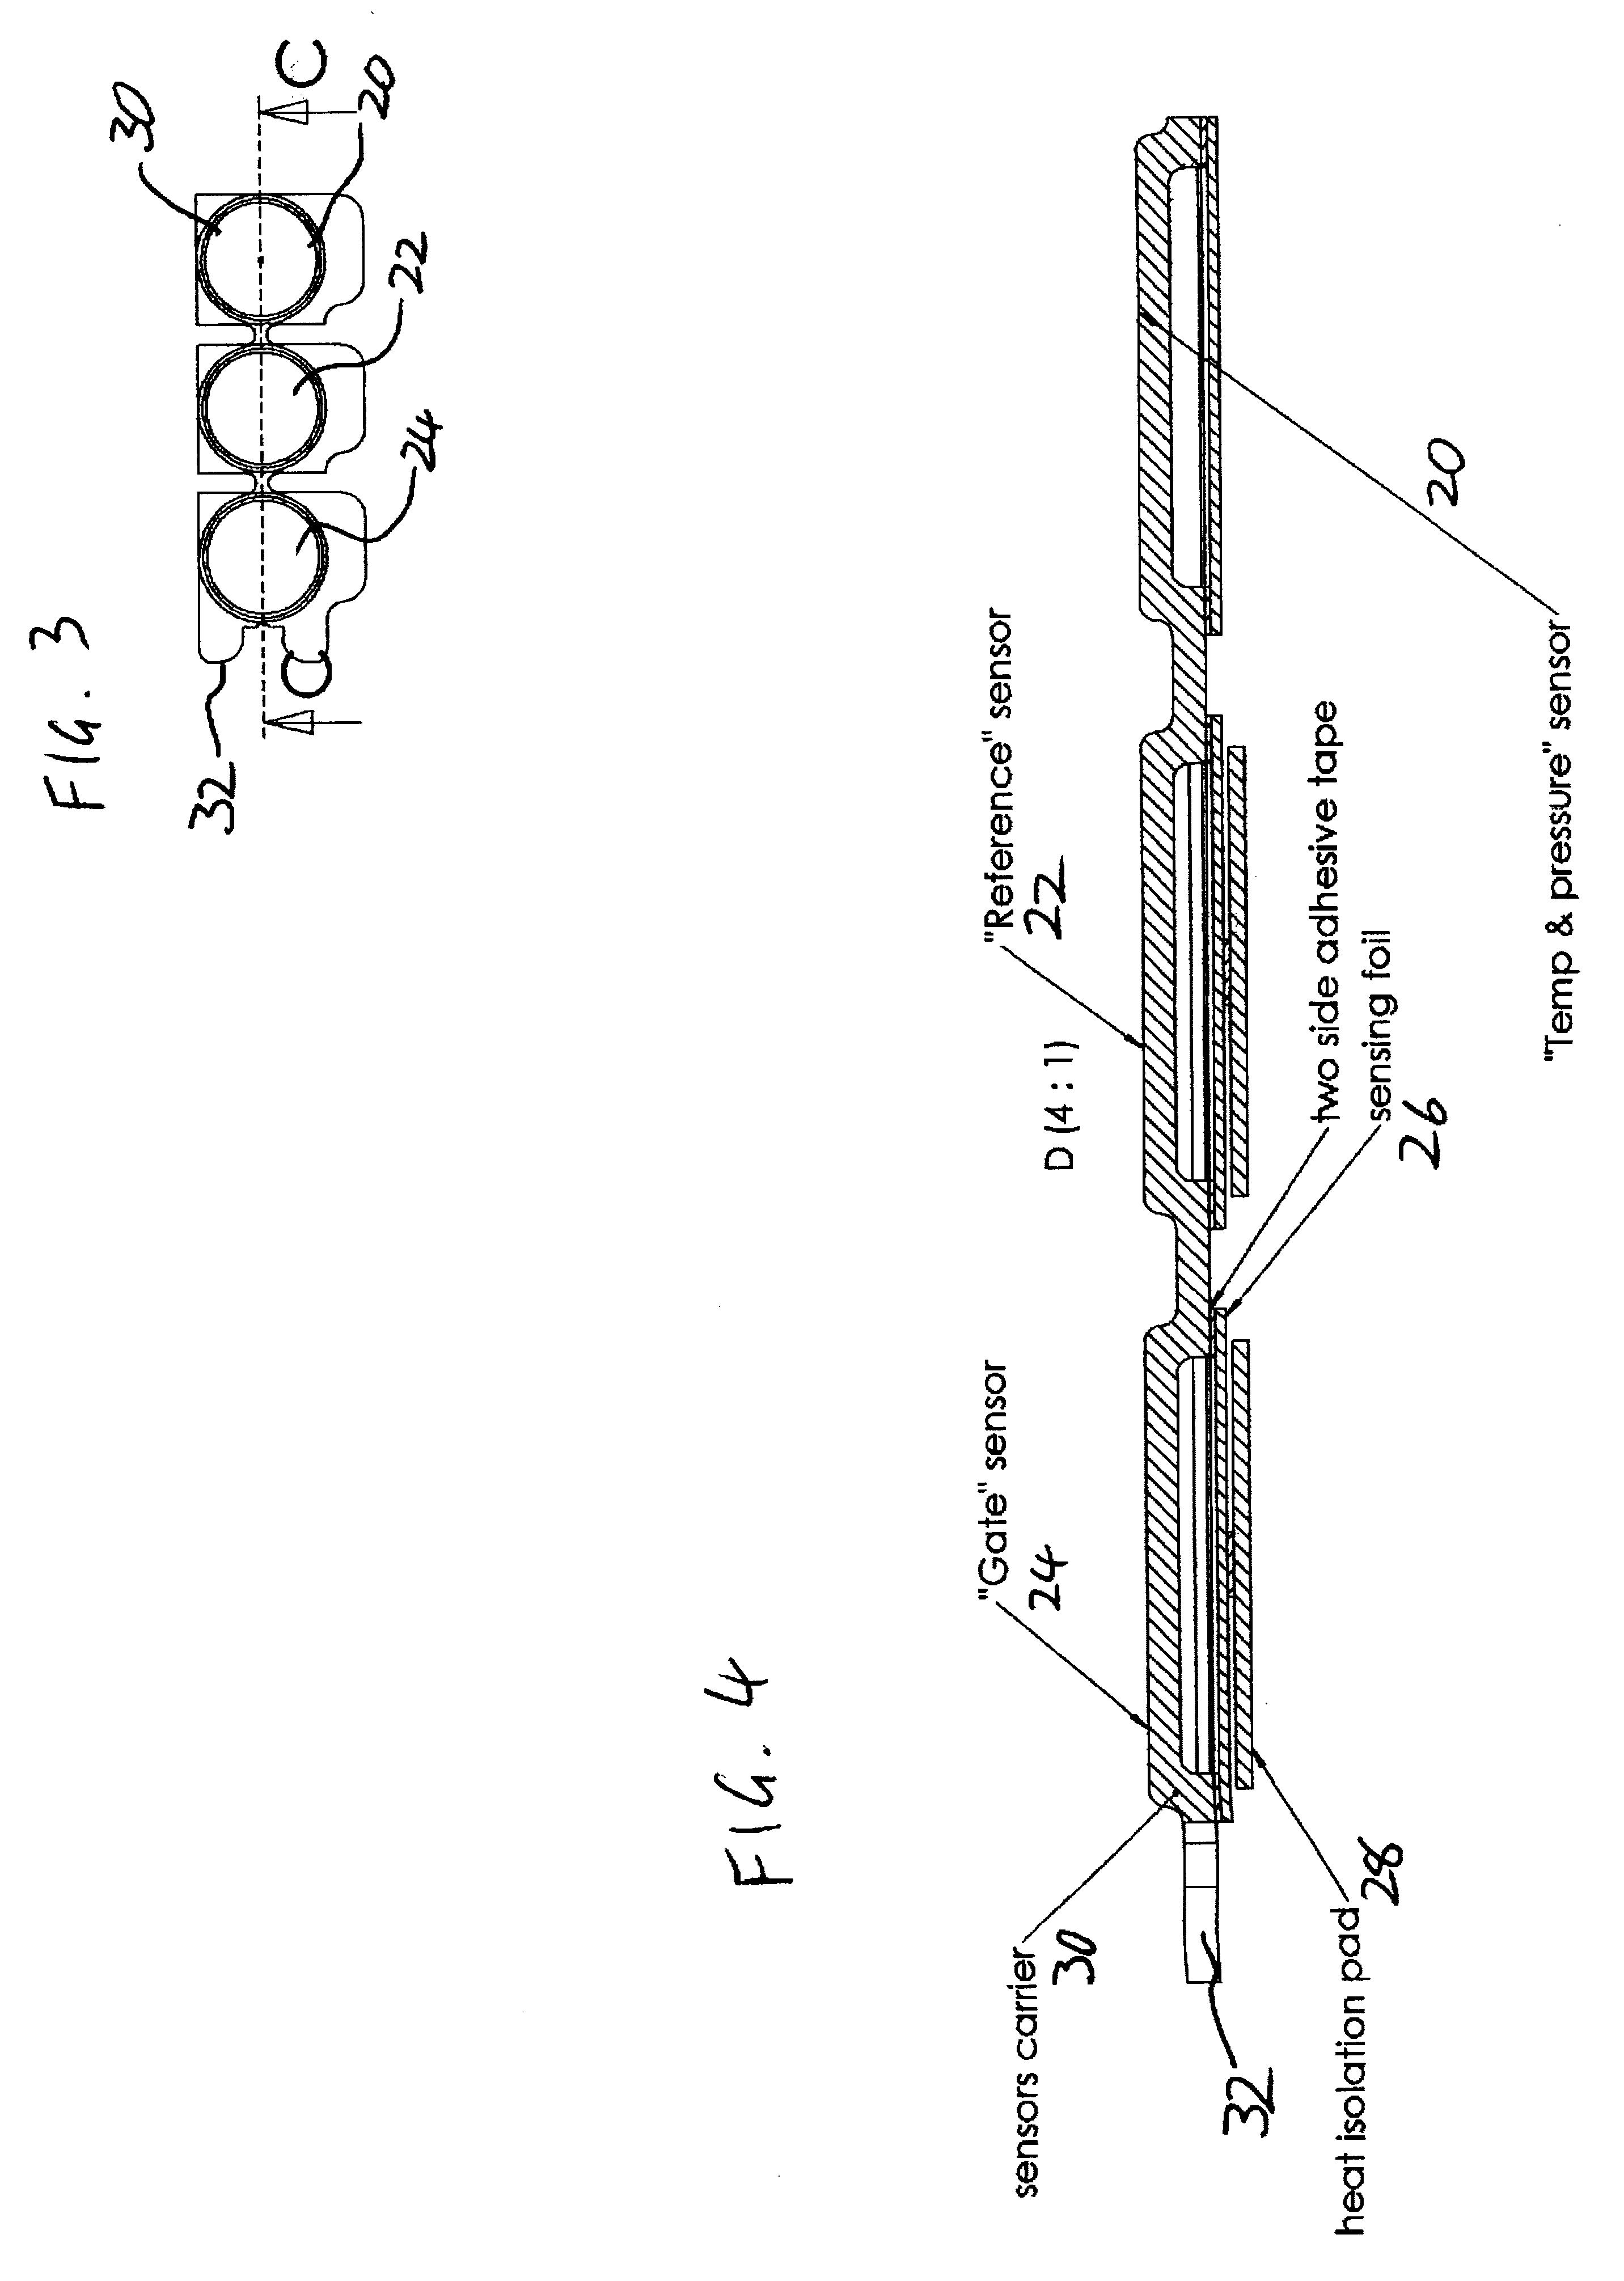 patent us6425878